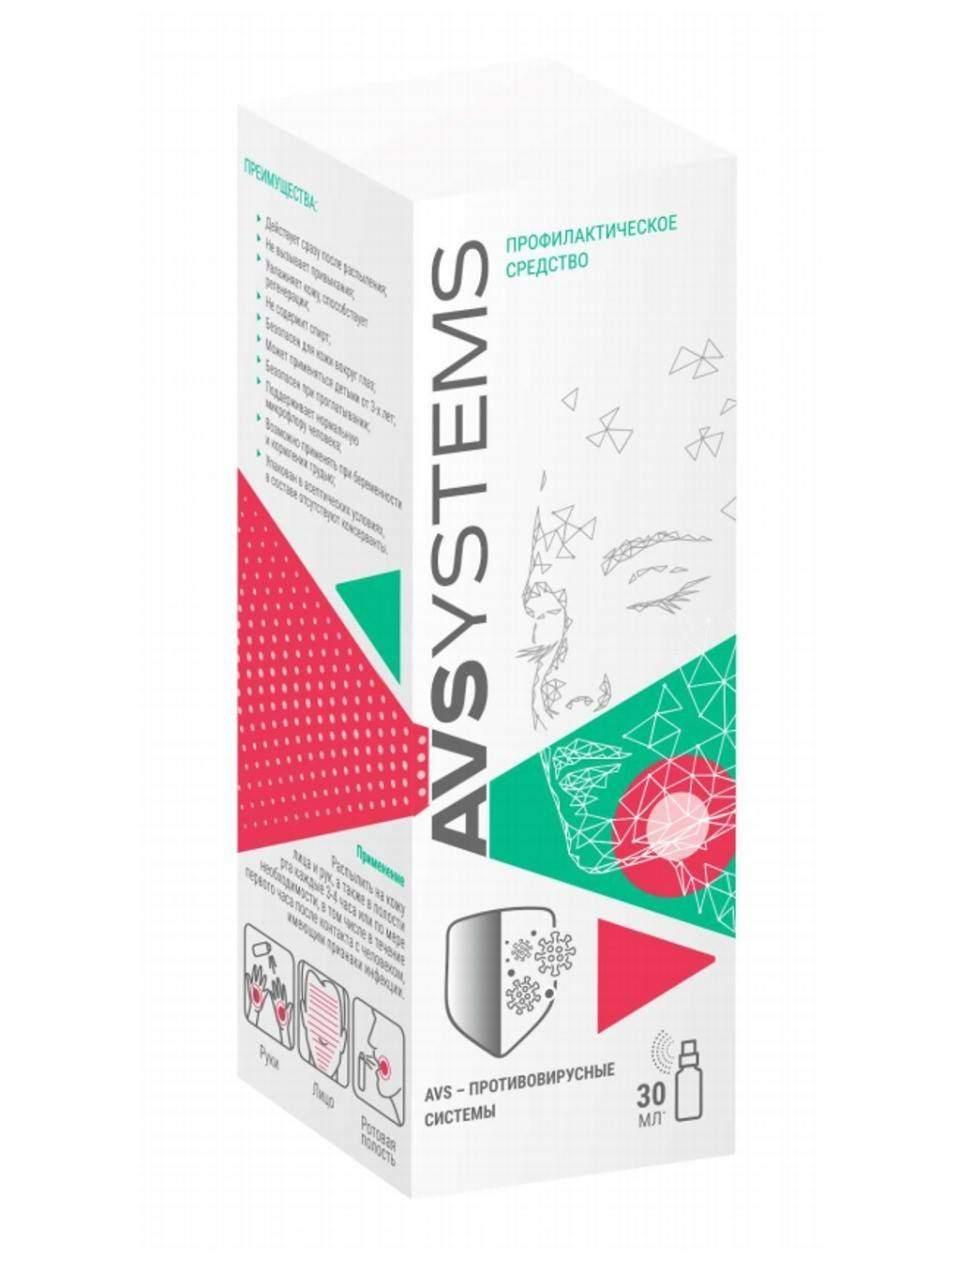 Миниатюра Спрей для полости рта, кожи лица и рук c антибактериальным эффектом AVSystems 30 мл №1